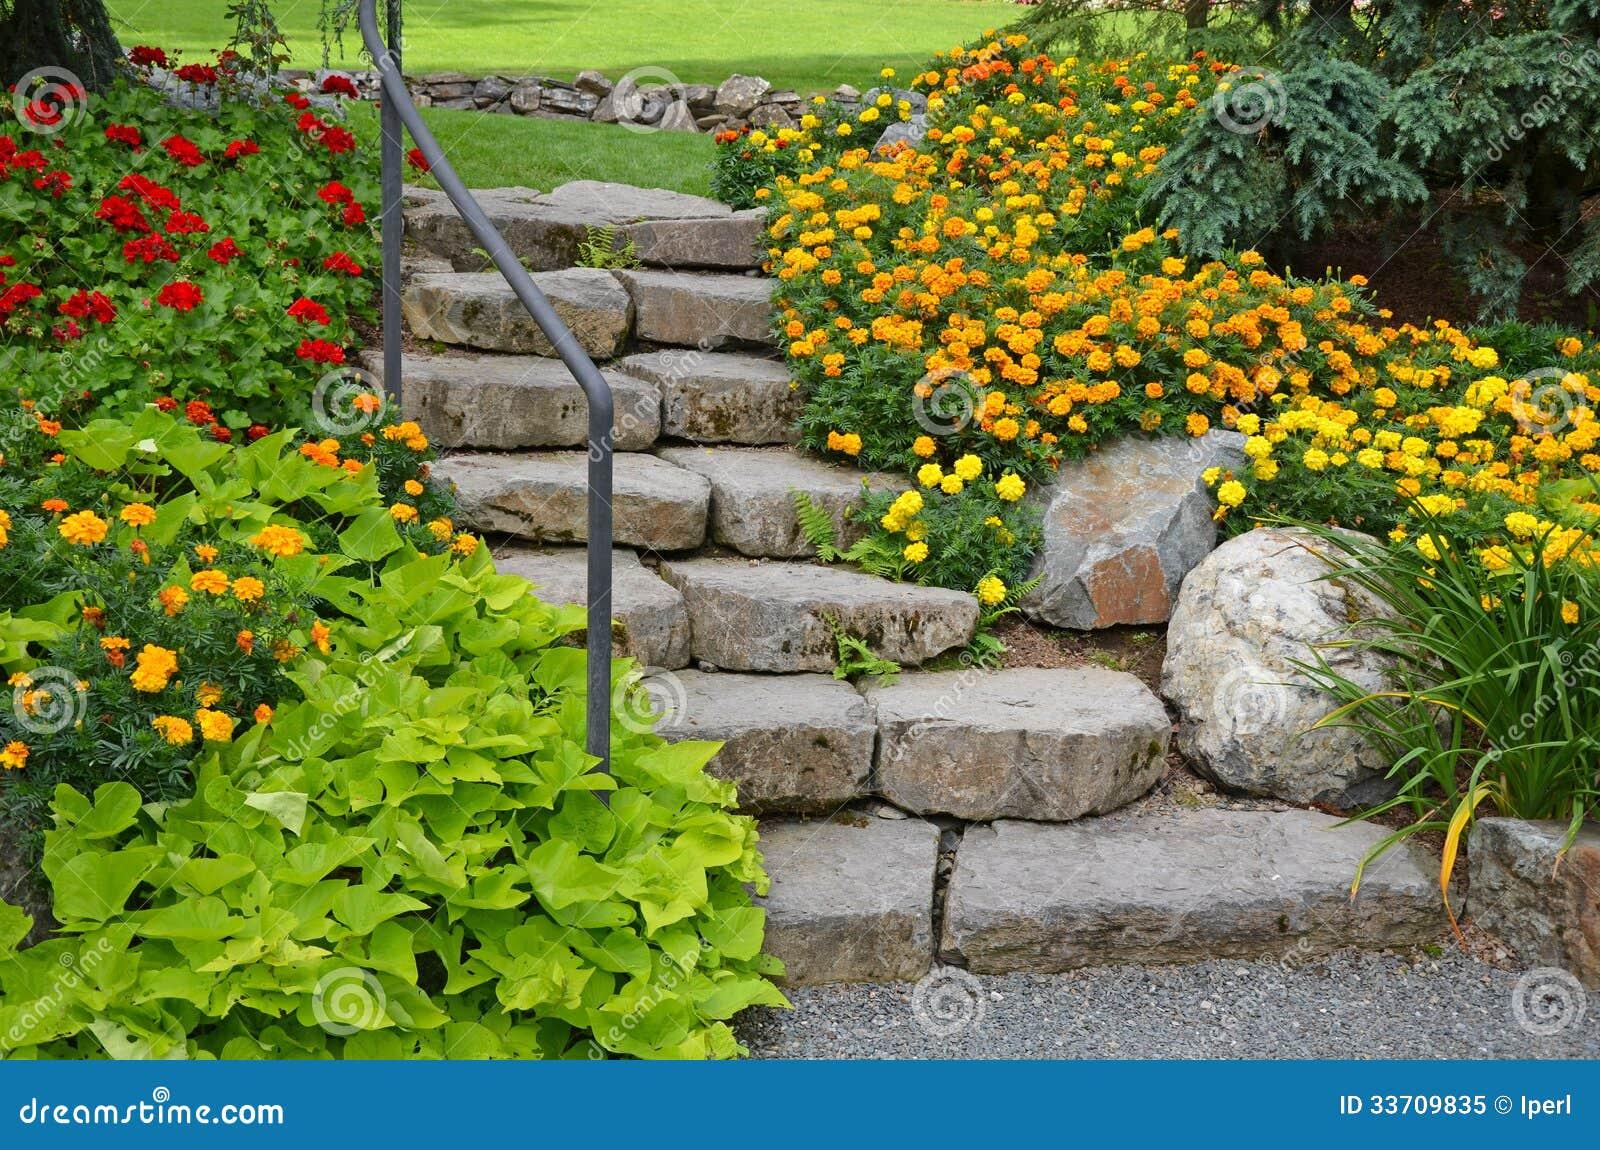 Escalier en pierre de jardin photo libre de droits image for Escalier en pierre jardin